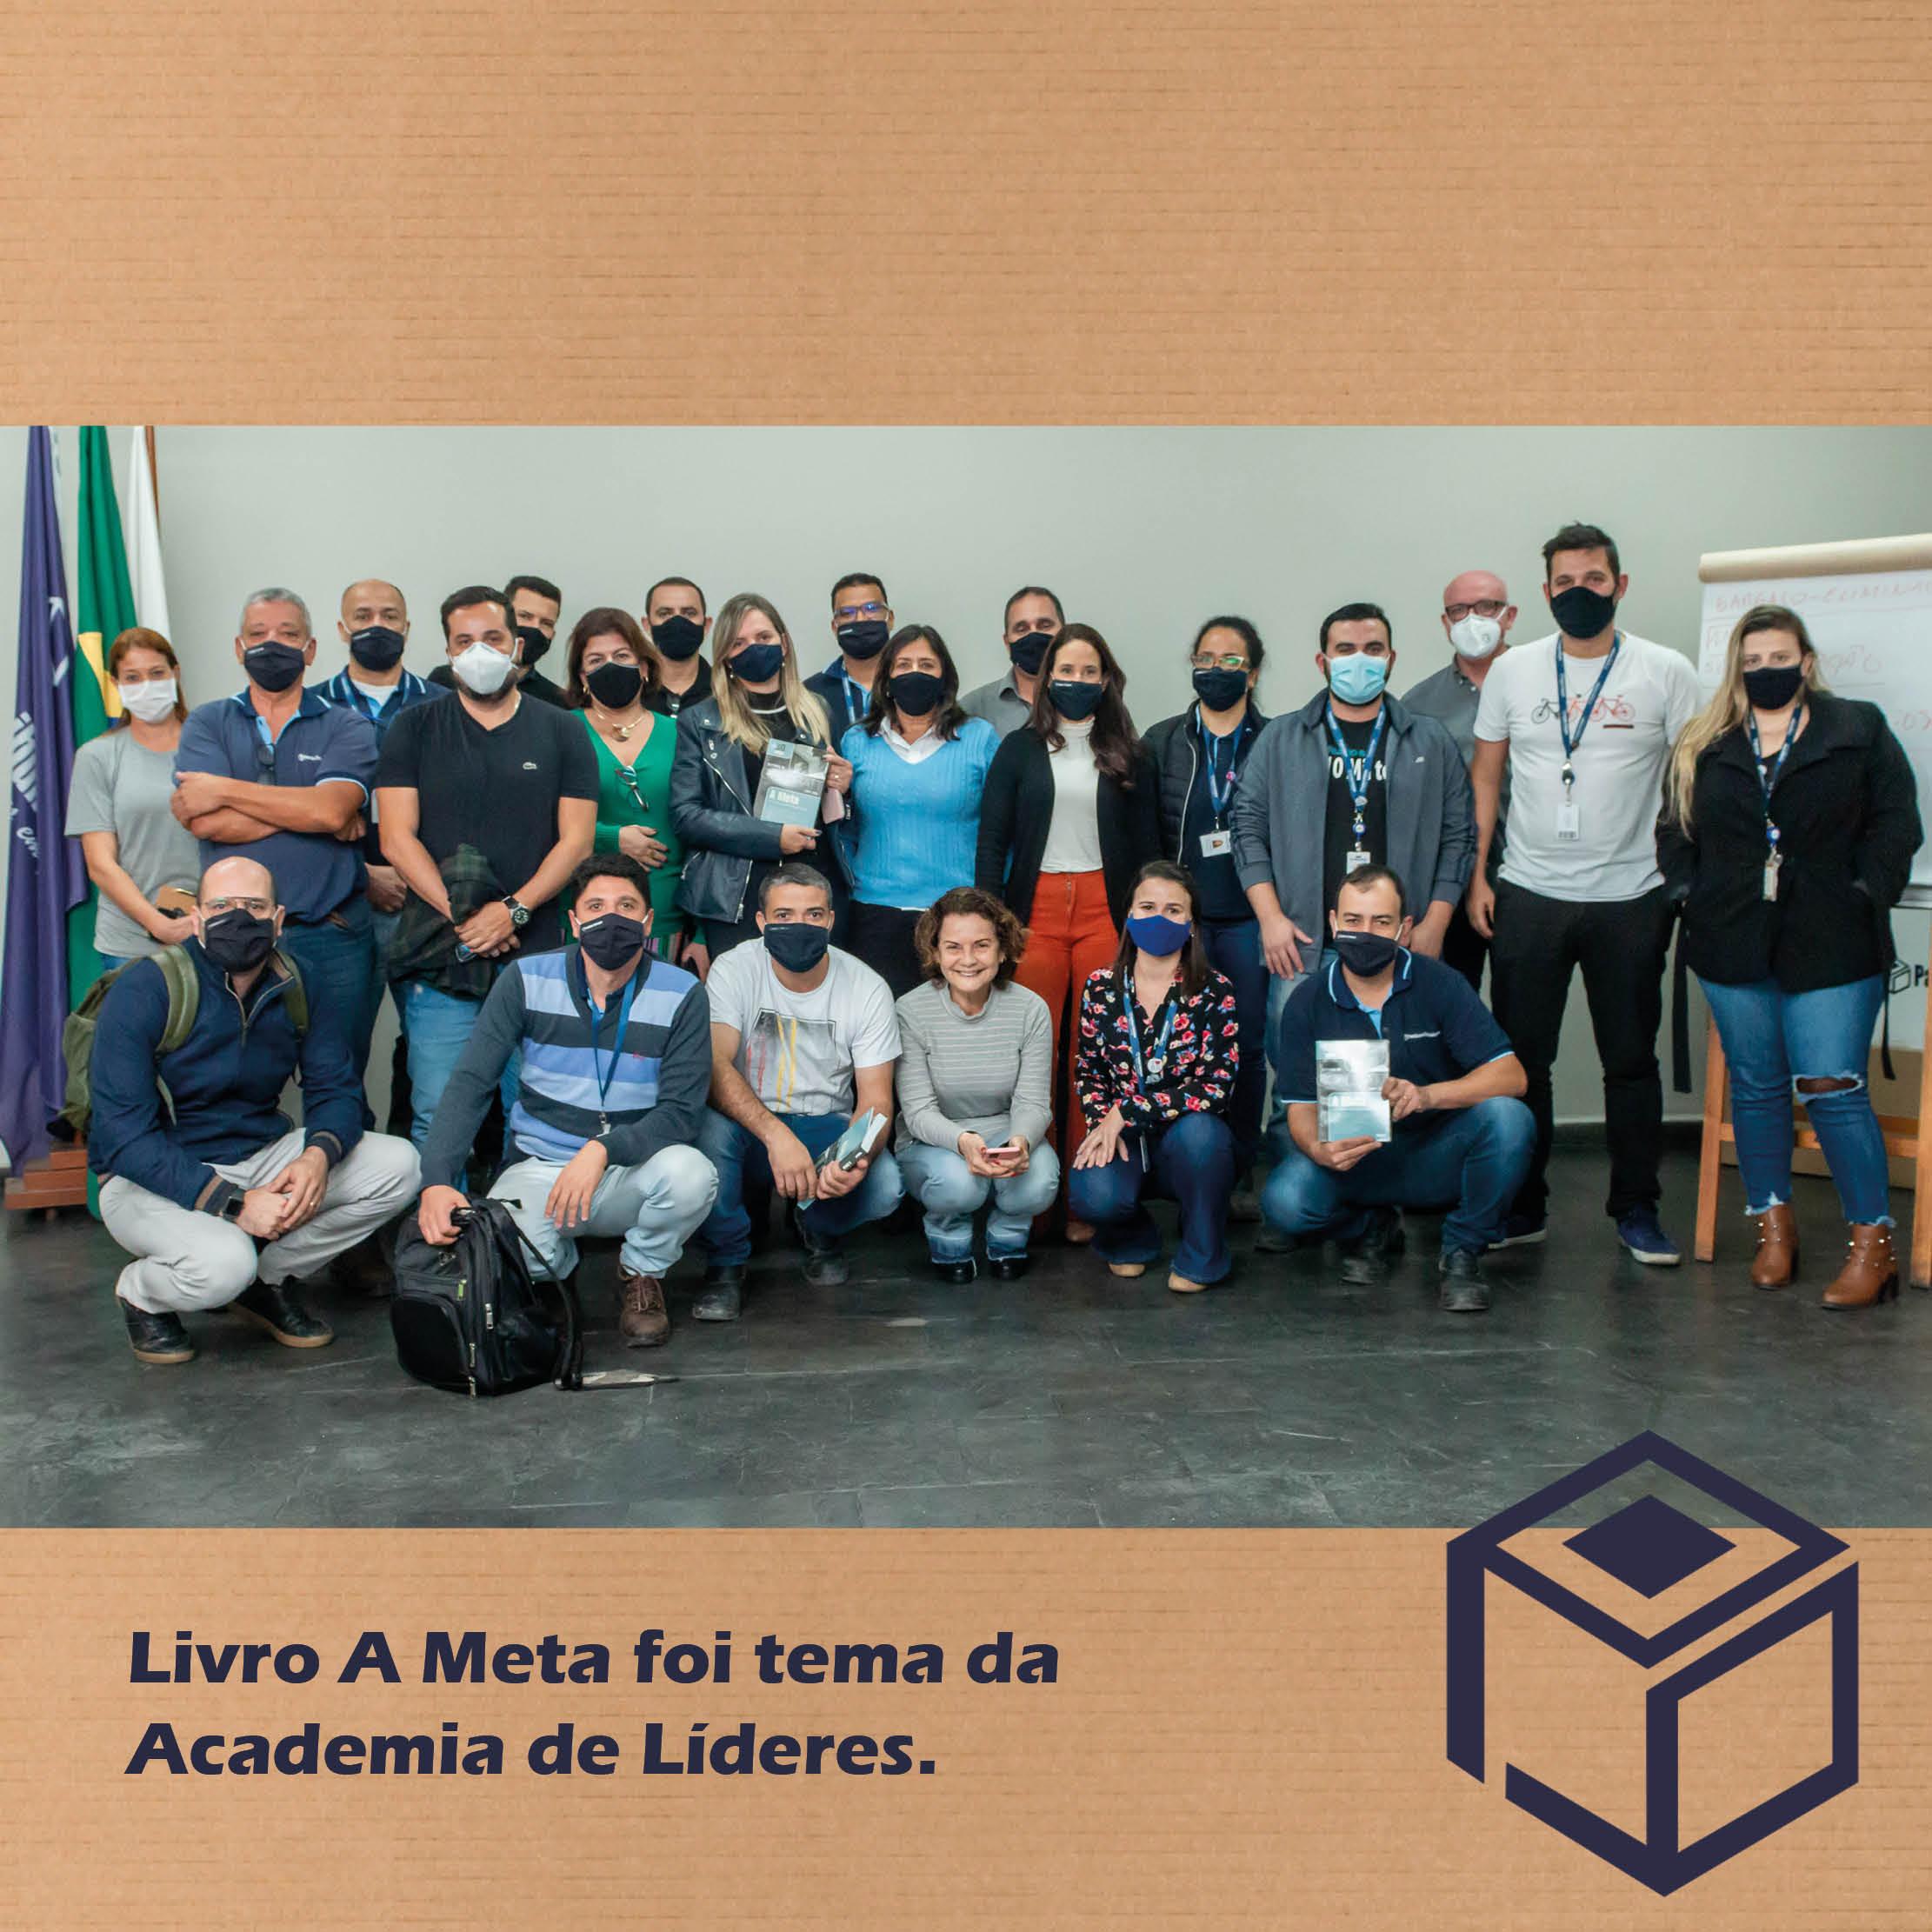 Livro A Meta é tema da Academia de Líderes